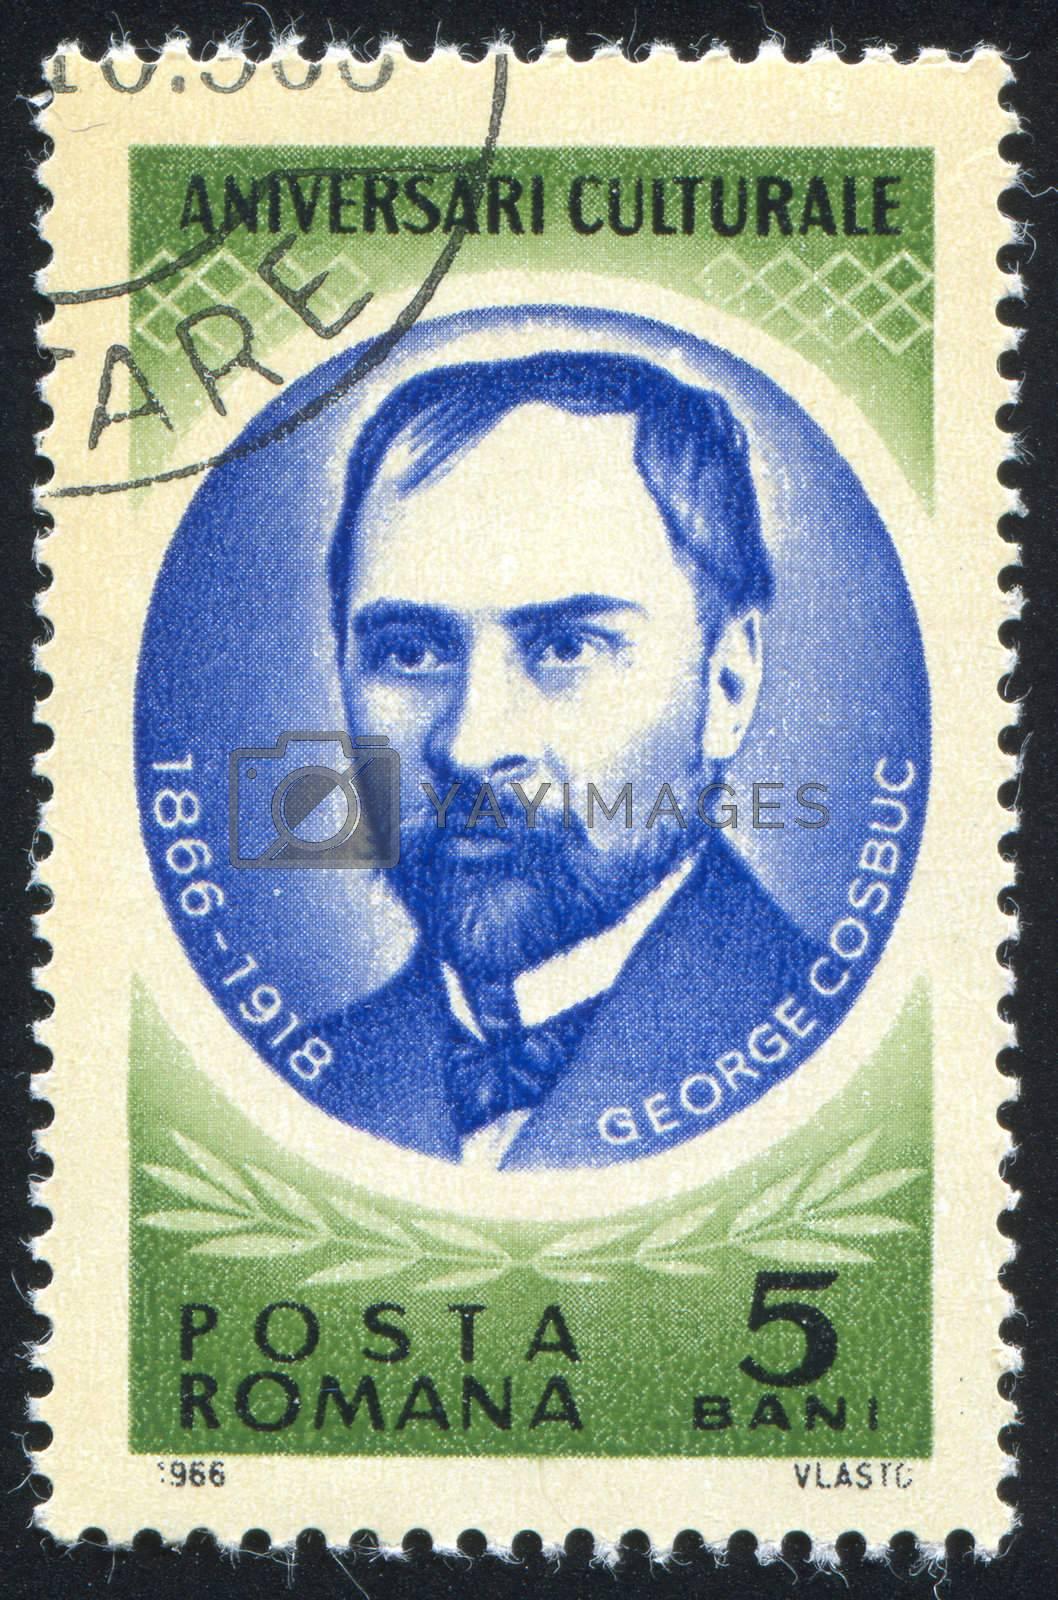 ROMANIA - CIRCA 1966: stamp printed by Romania, show George Cosbuc, circa 1966.